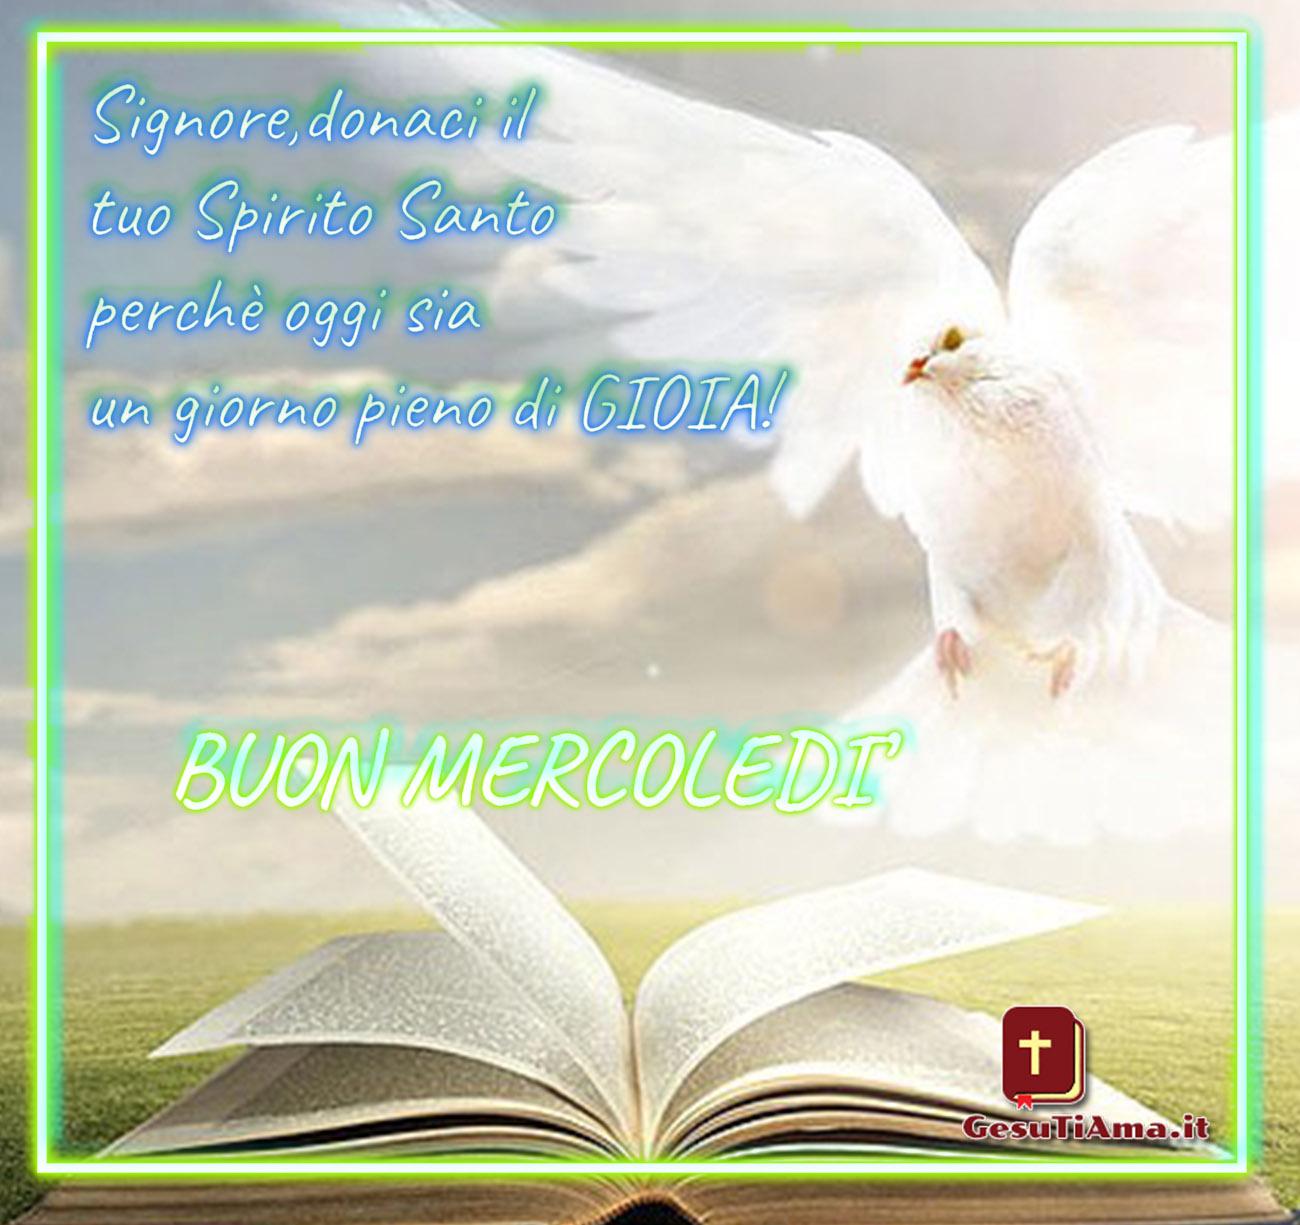 Buon Mercoledì Buongiorno con lo Spirito Santo immagini religiose nuove